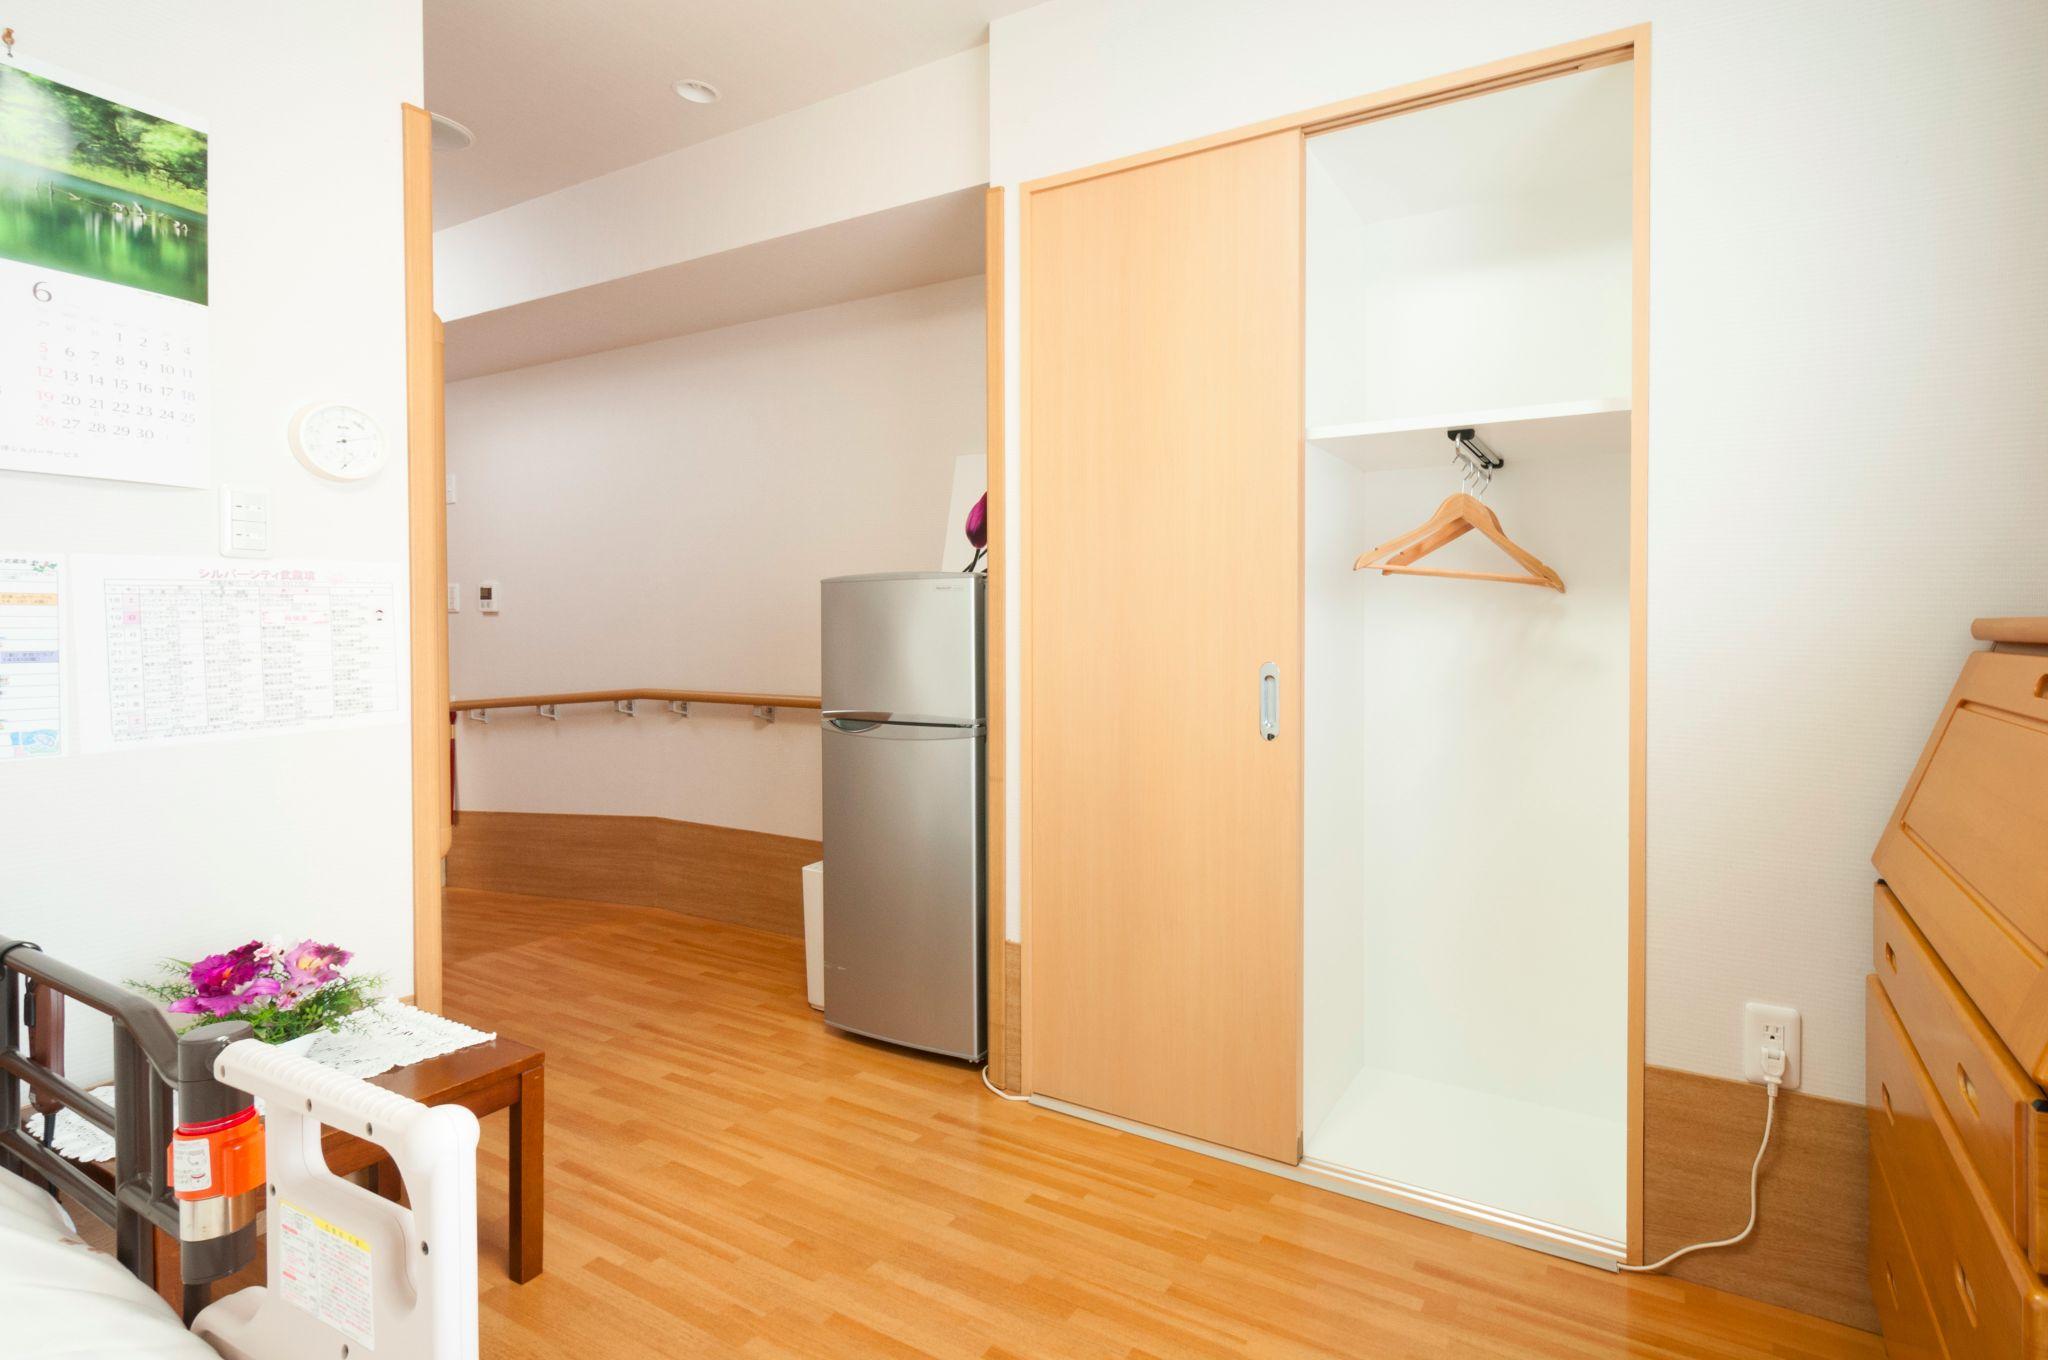 シルバーシティ武蔵境のシングルルーム 806号室